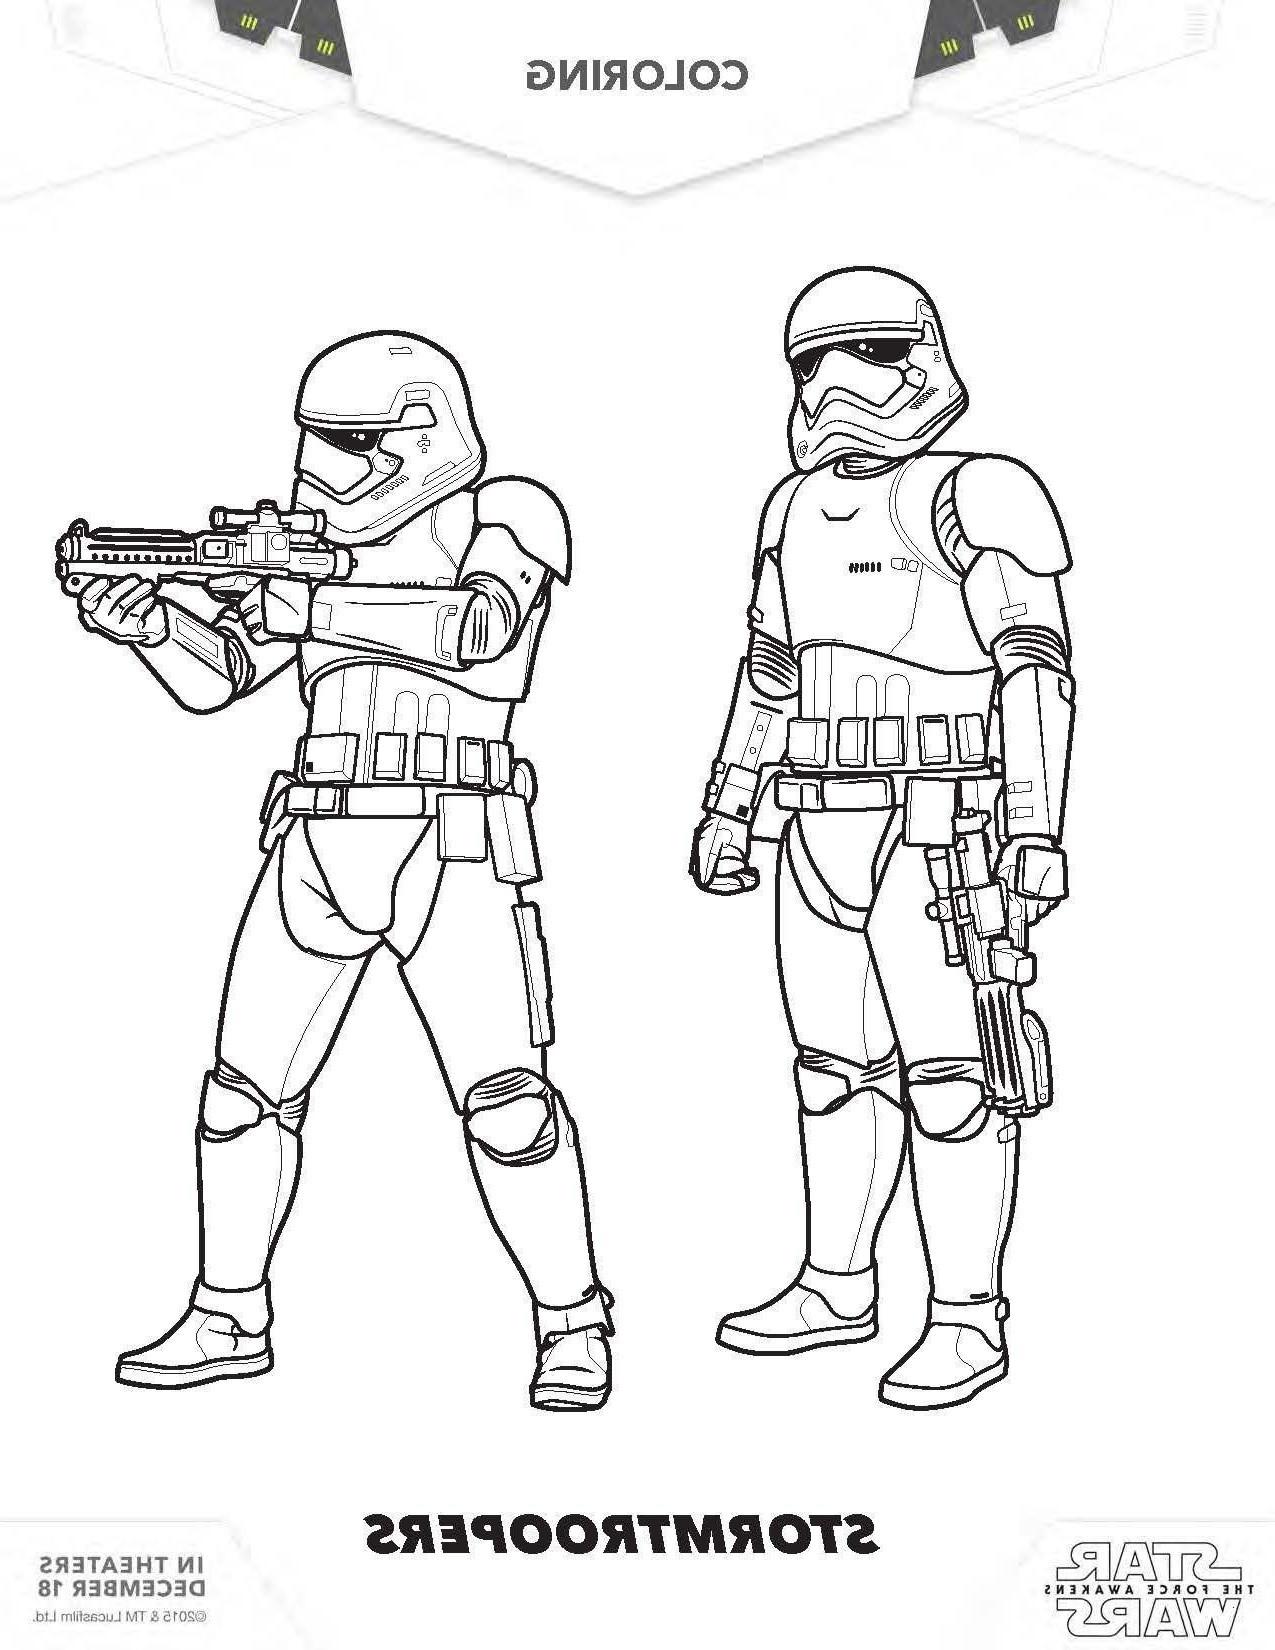 Lego Star Wars Ausmalbilder Genial 30 Einzigartig Ausmalbilder Lego Star Wars – Malvorlagen Ideen Bild